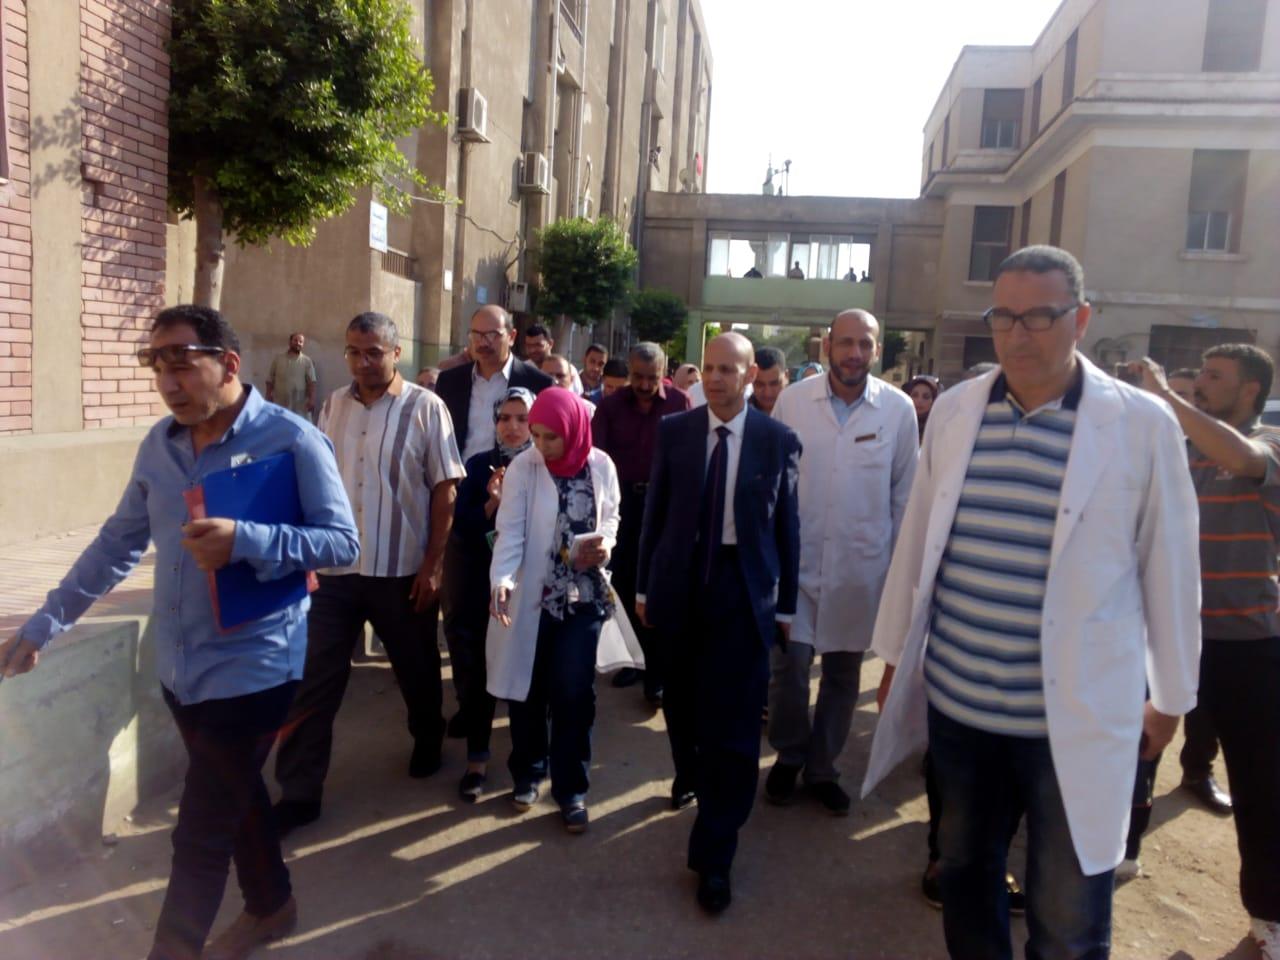 وكيل وزارة الصحة بالشرقية يزور مستشفى فاقوس   الشرقية توداي